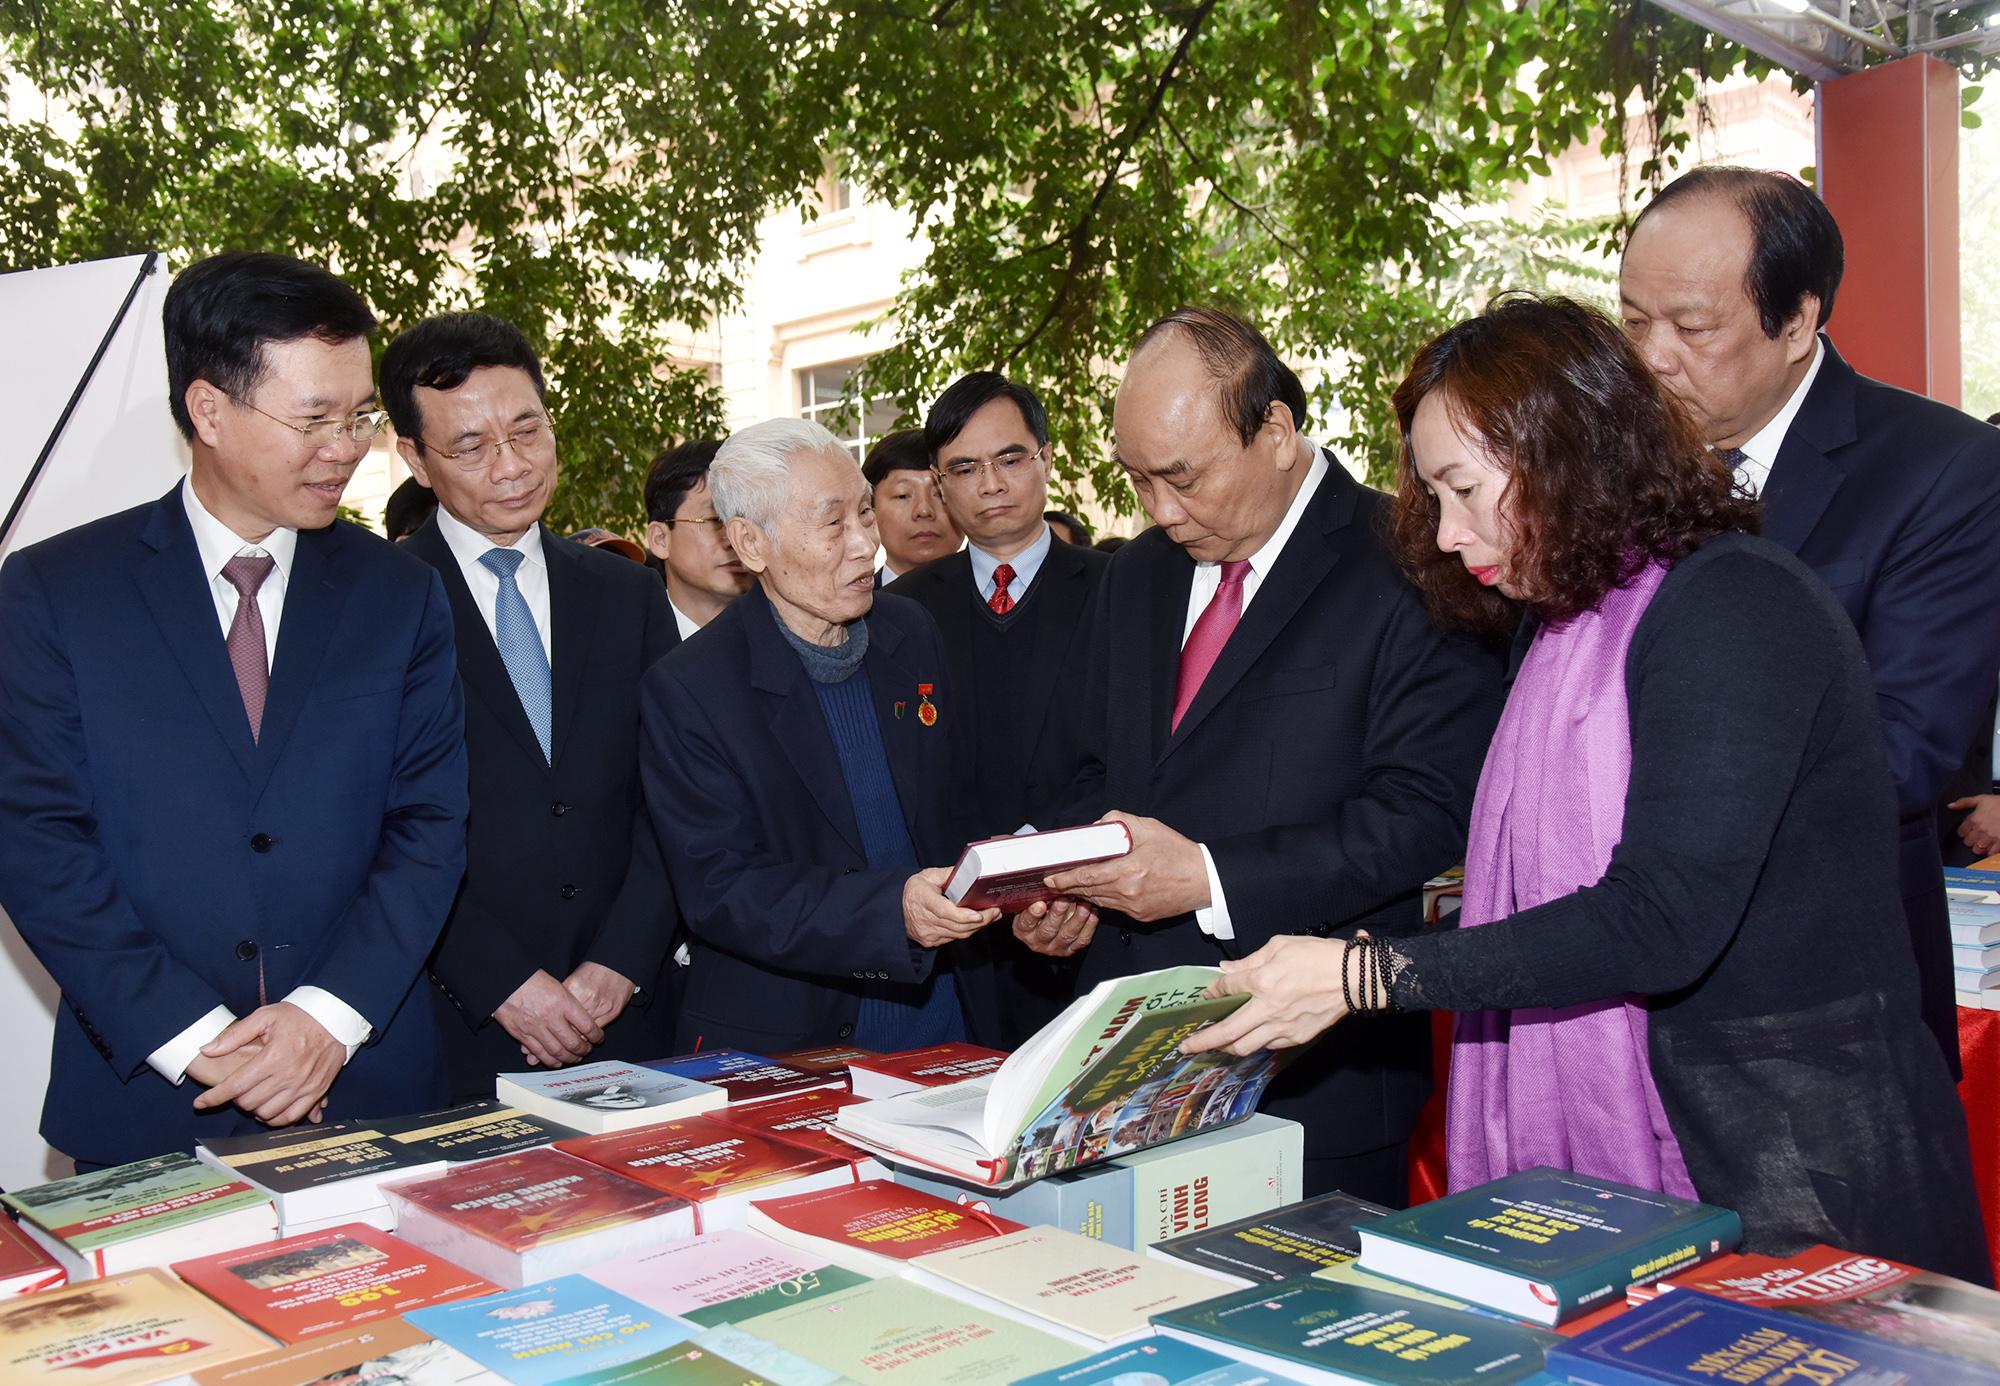 Thủ tướng thăm triển lãm 10 000 cuốn sách kỷ niệm 90 năm thành lập Đảng